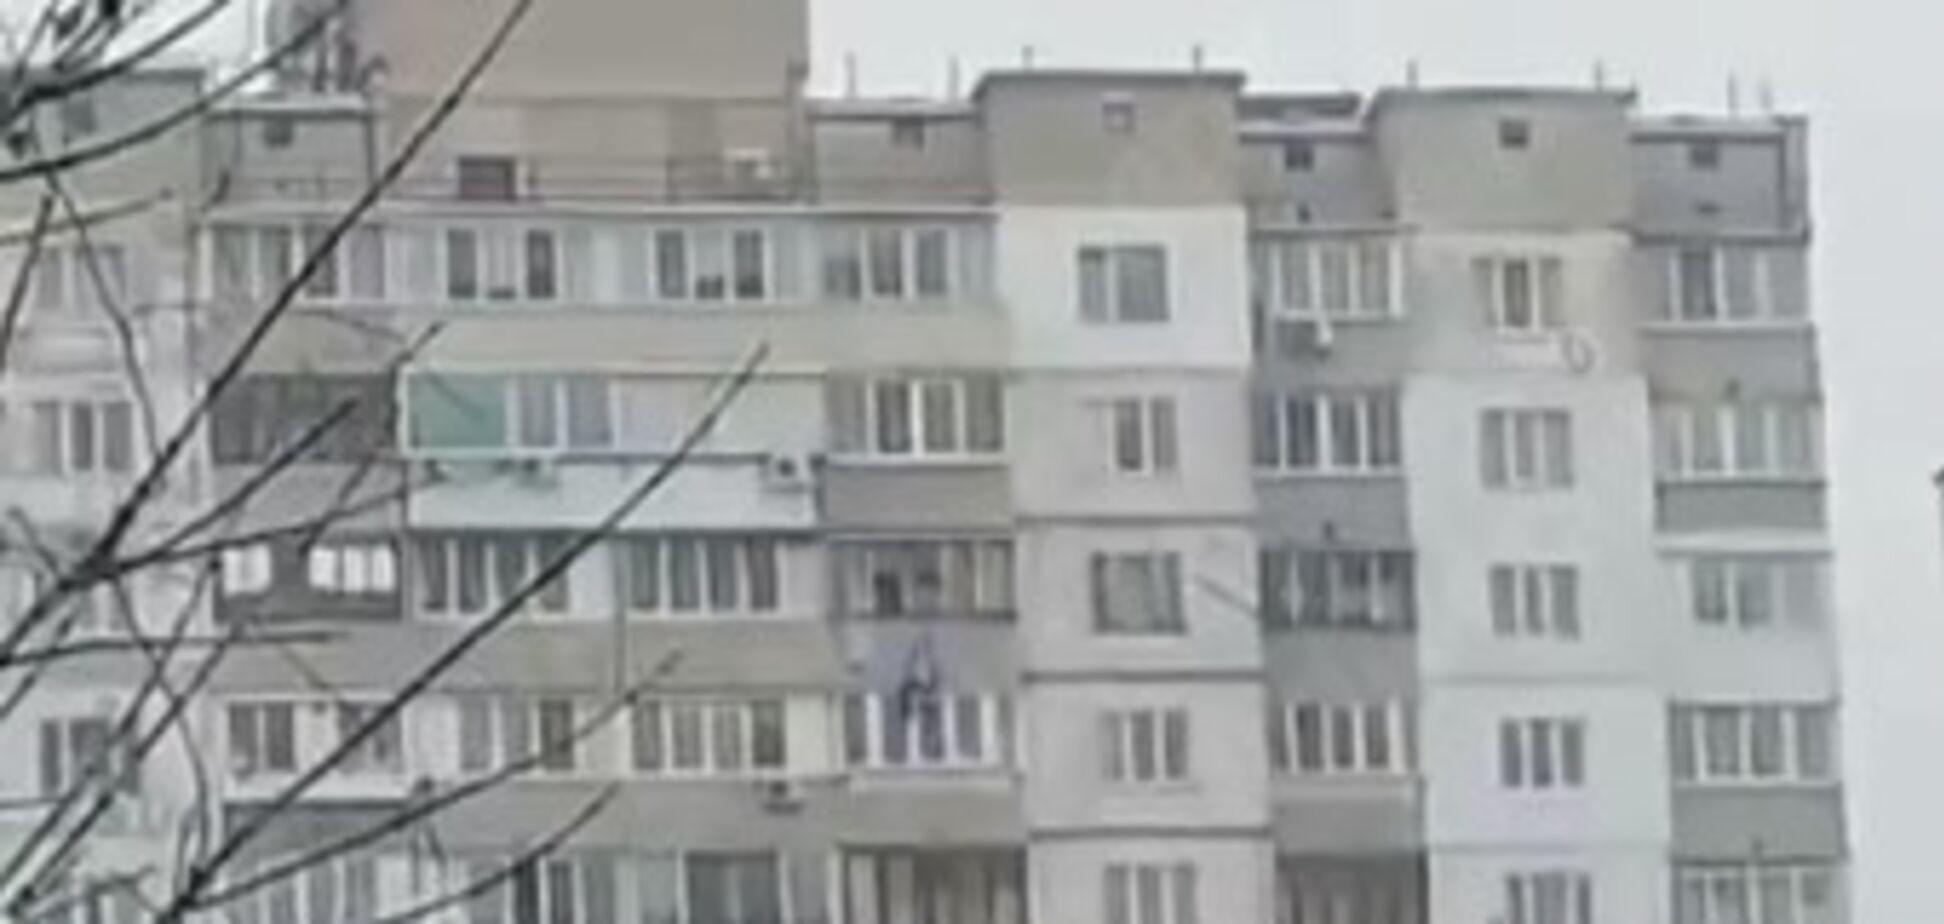 У Києві чоловік скоїв суїцид після конфлікту з подругою: відео з місця НП